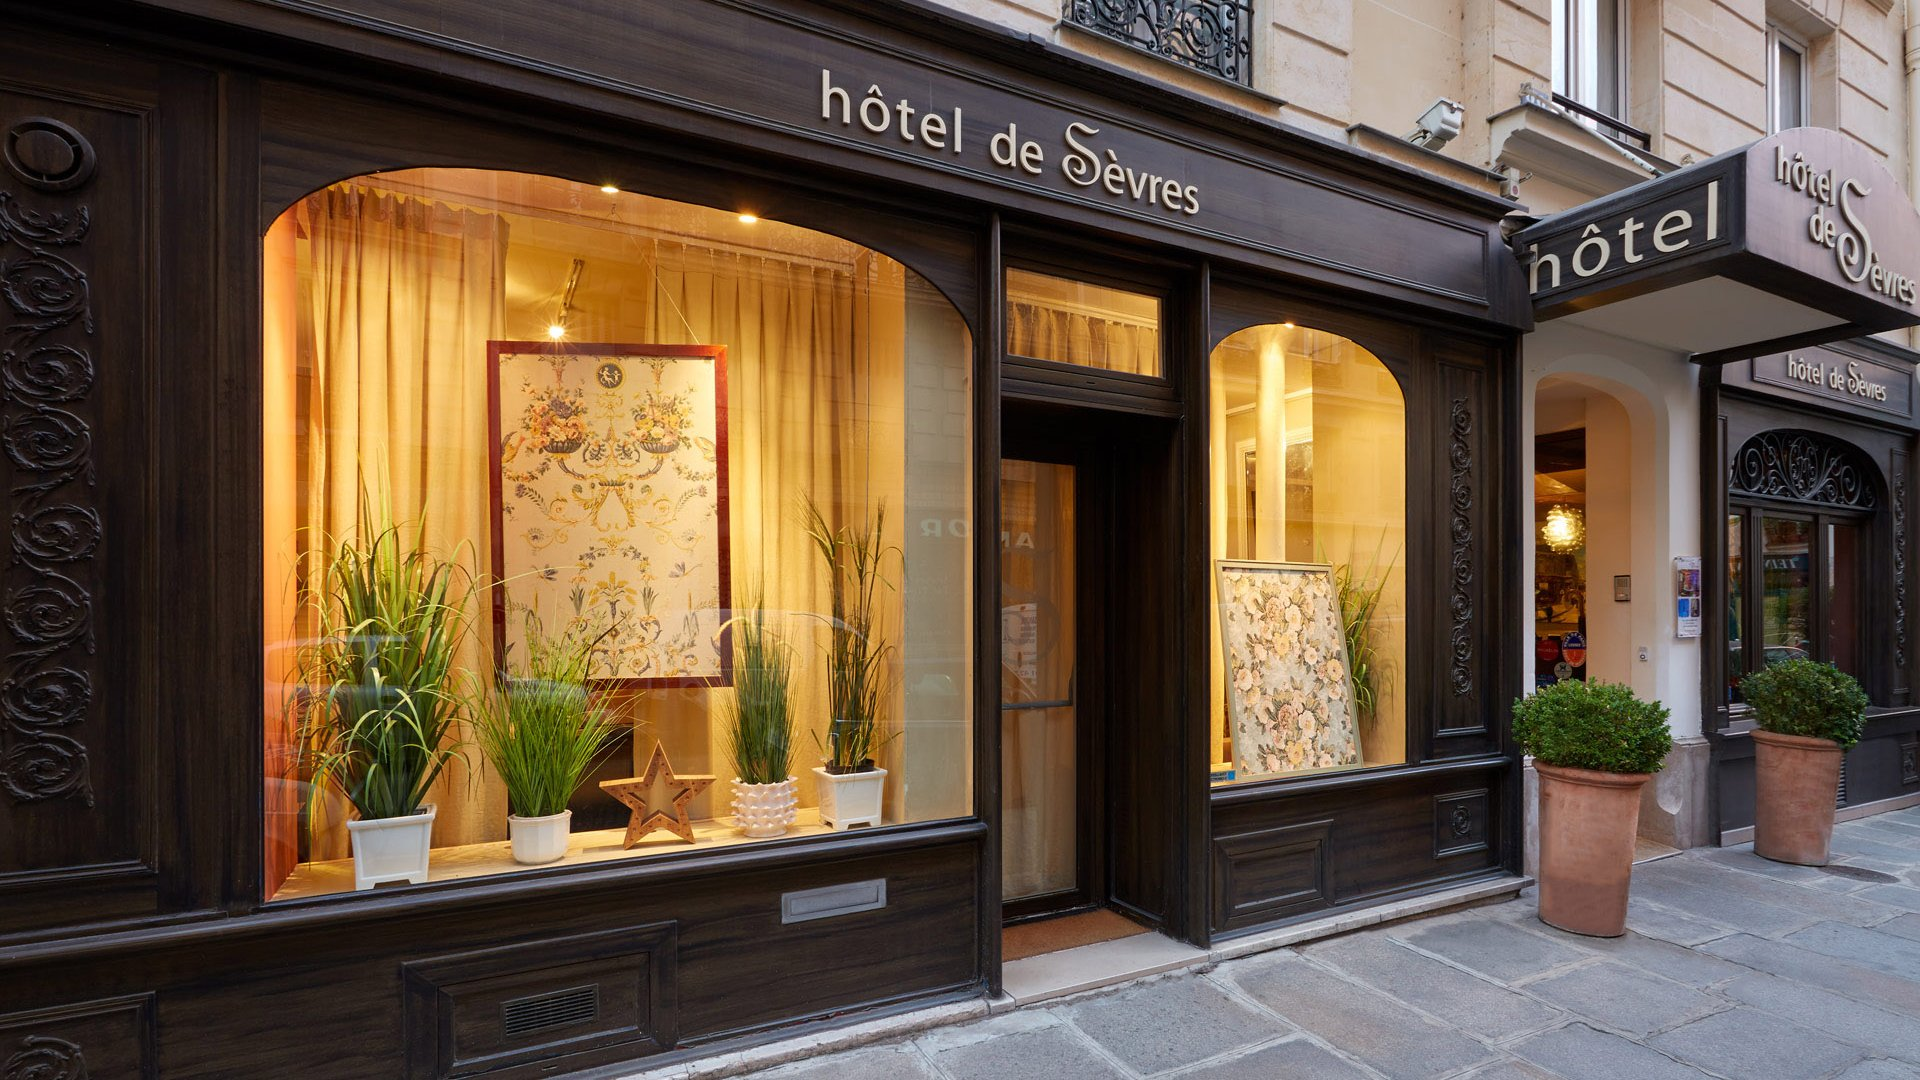 L'hotel de Sevres